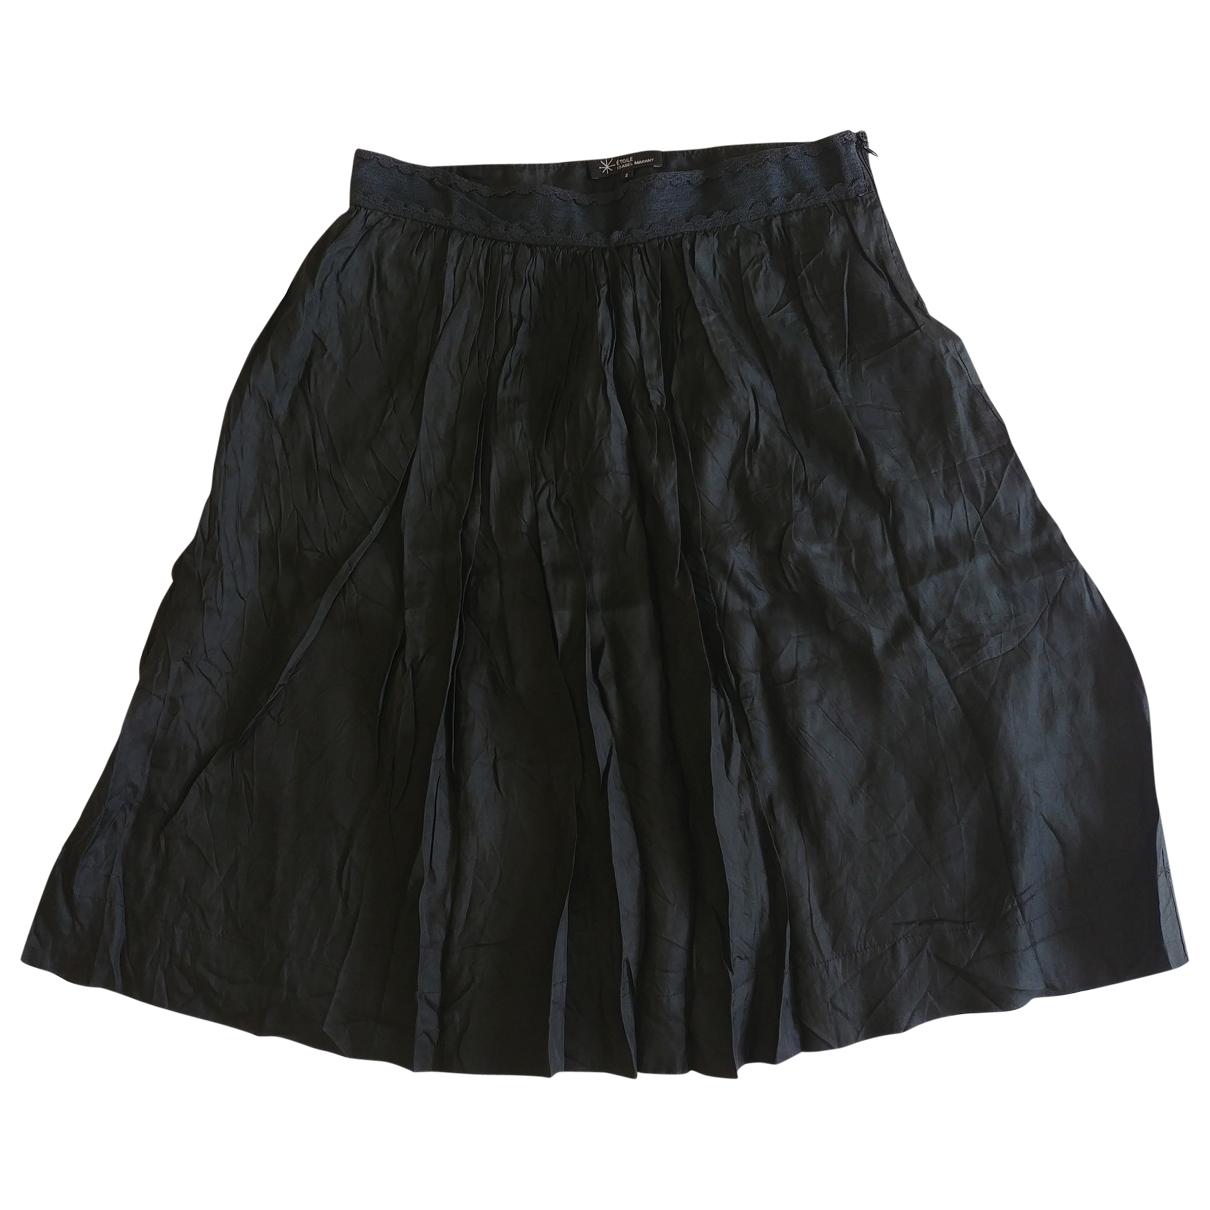 Isabel Marant Etoile \N Black skirt for Women 2 0-5